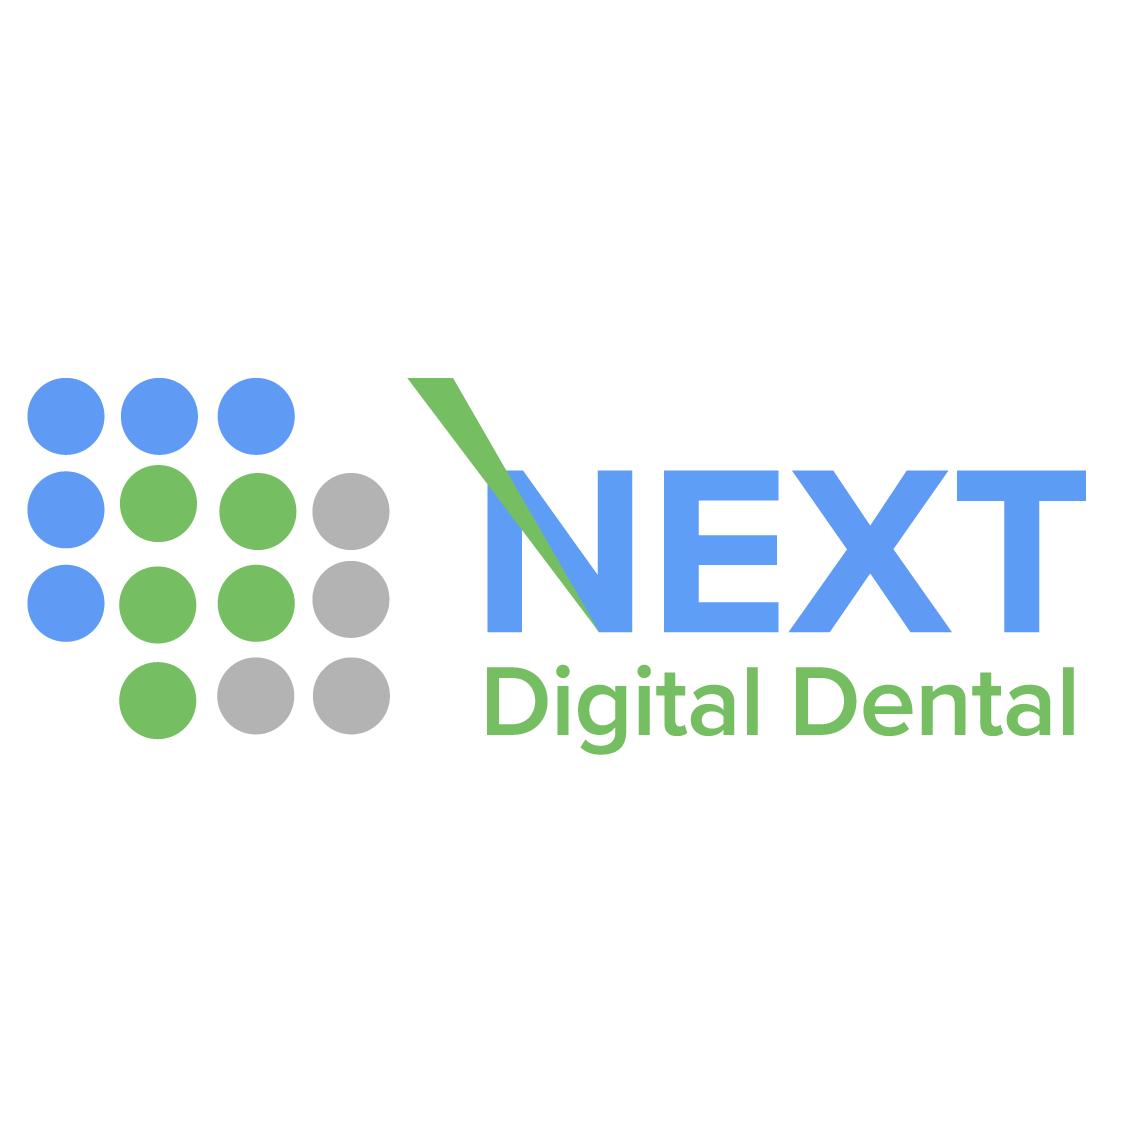 Next Digital Dental